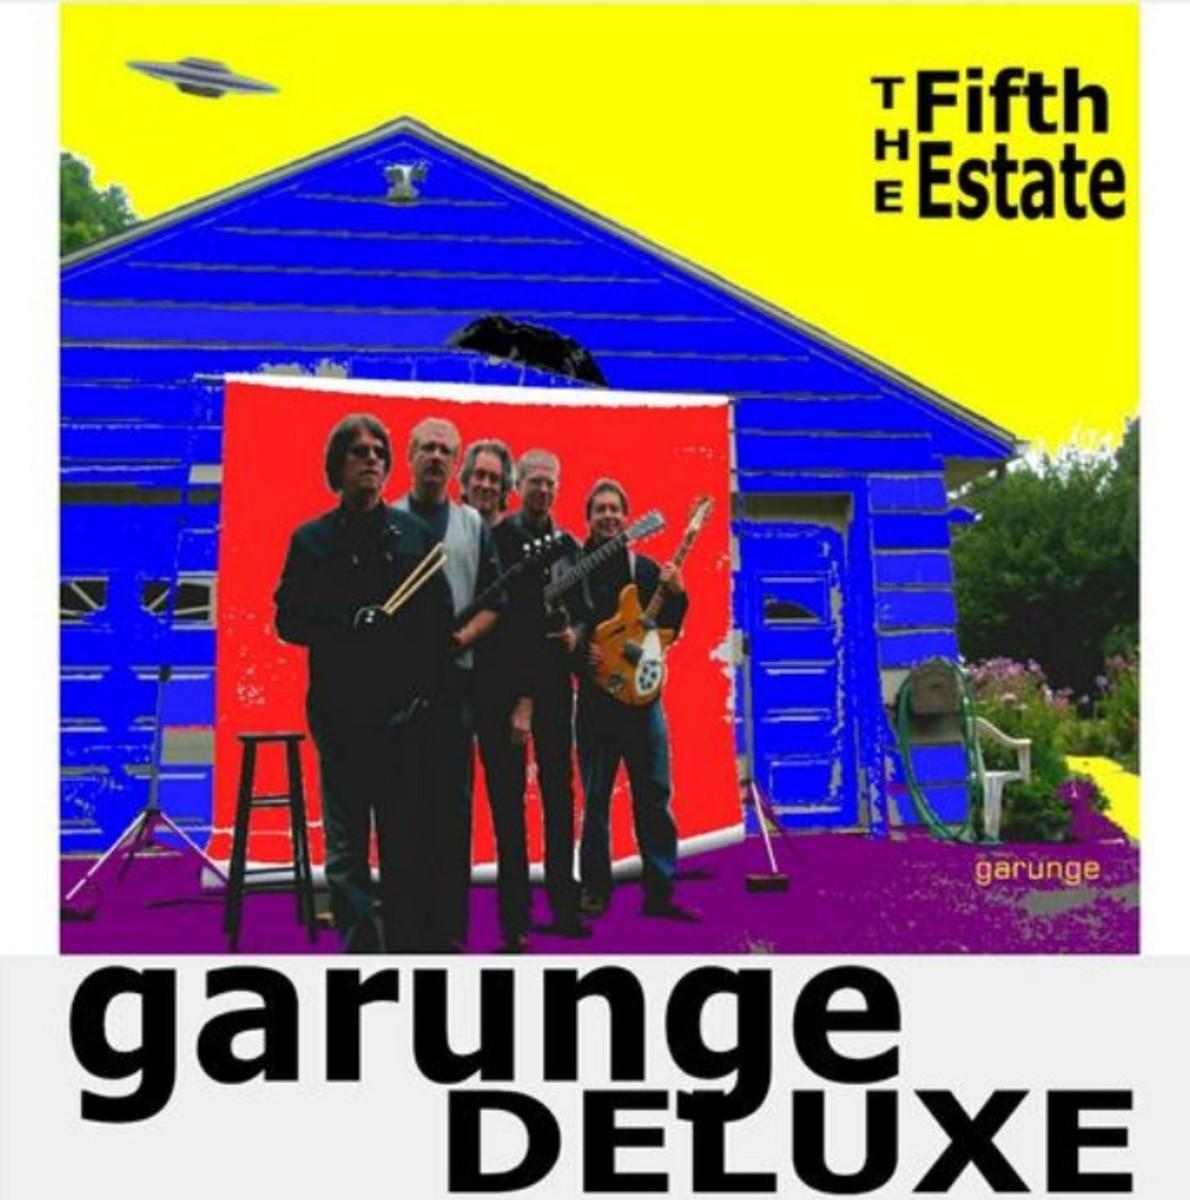 Fifth Estate Garunge